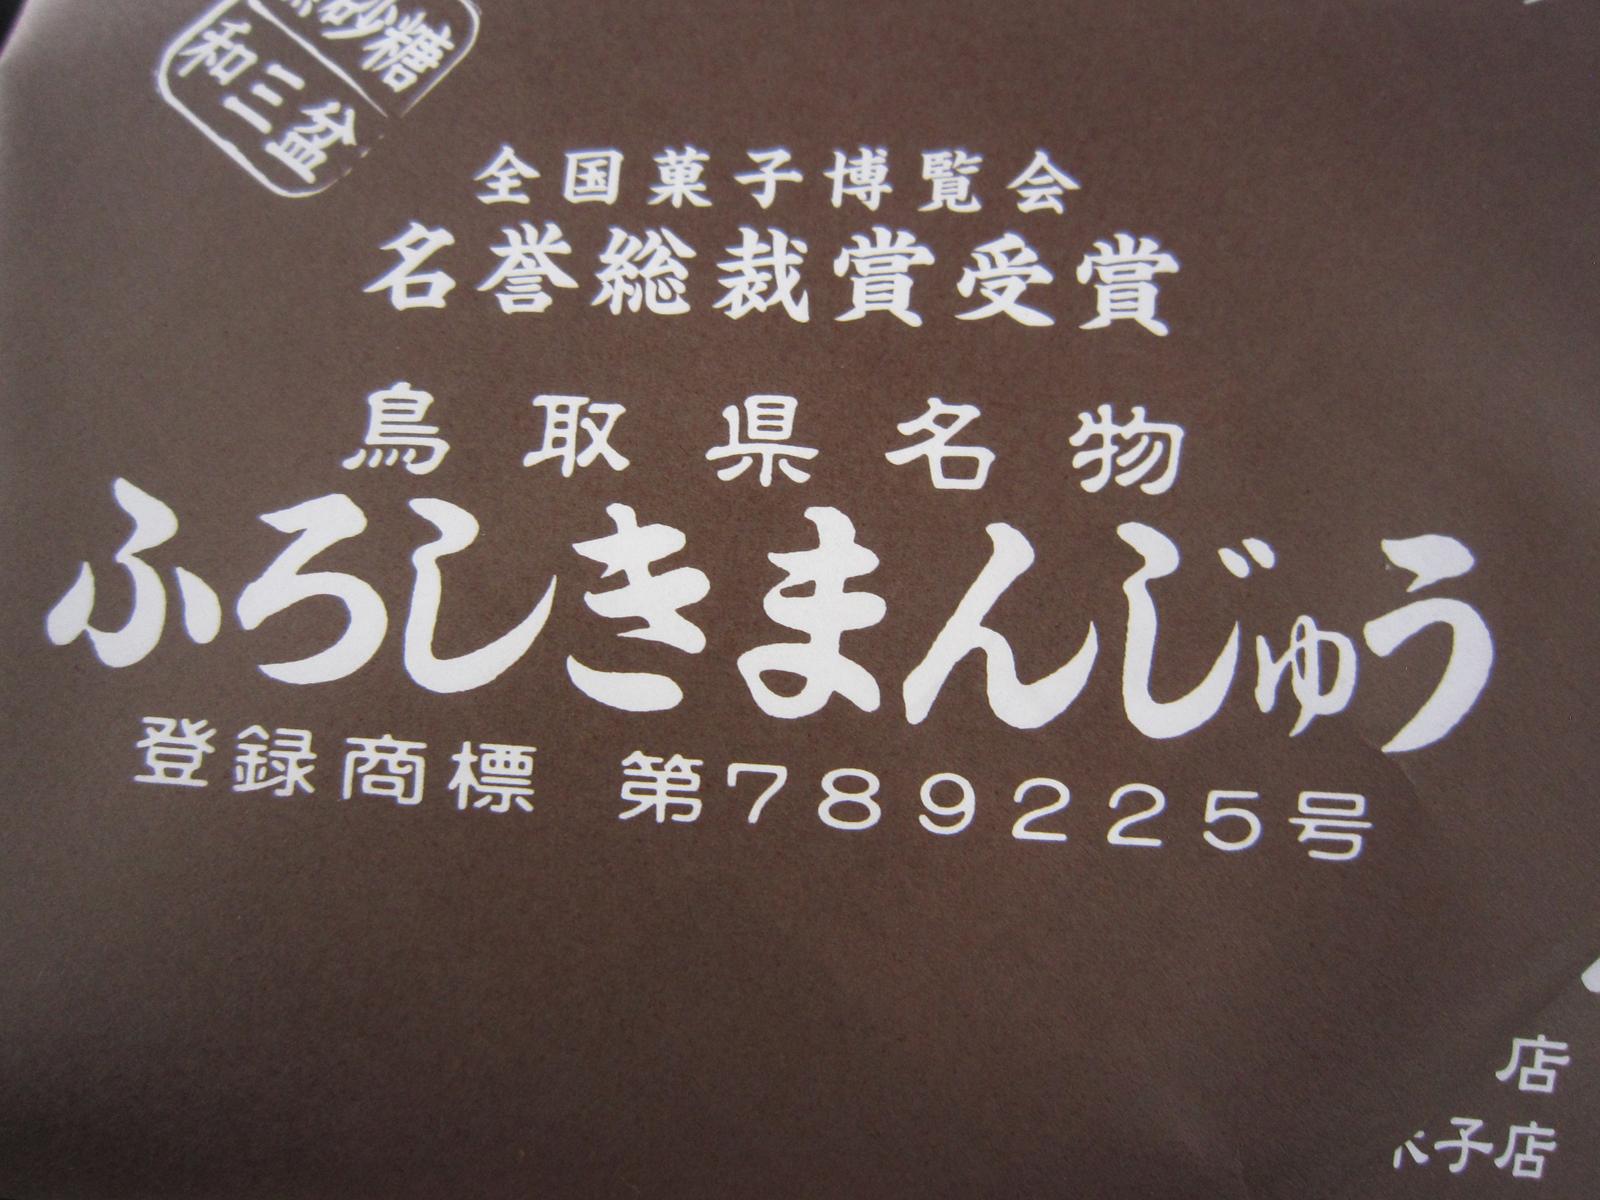 【新作の話】鳥取県鳥取市 鳥取駅